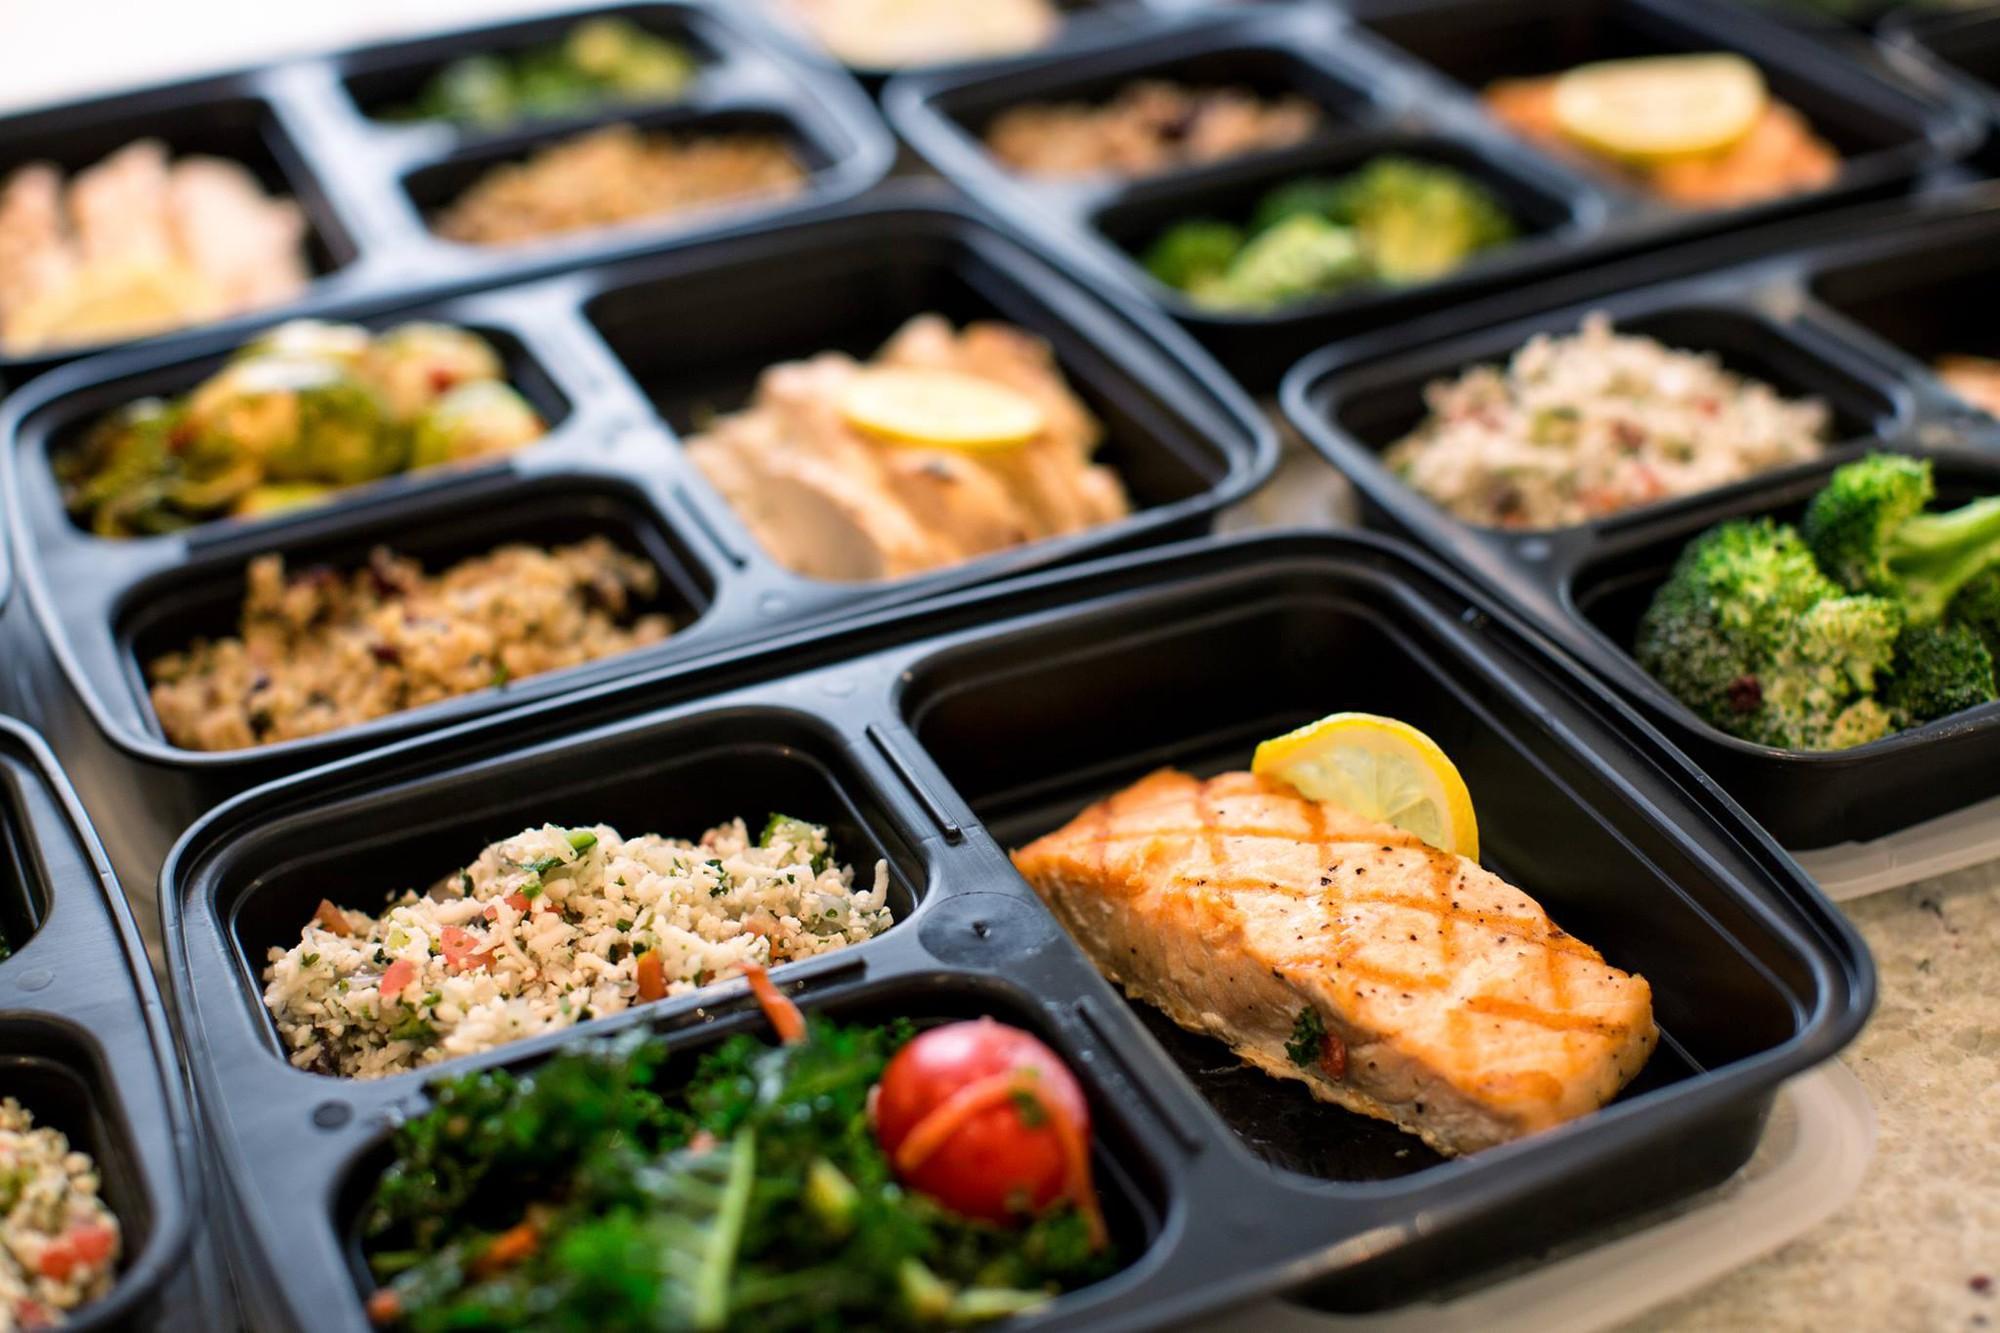 Những điều cần lưu ý khi kết hợp Eat Clean với việc tập luyện để giảm cân - Ảnh 4.